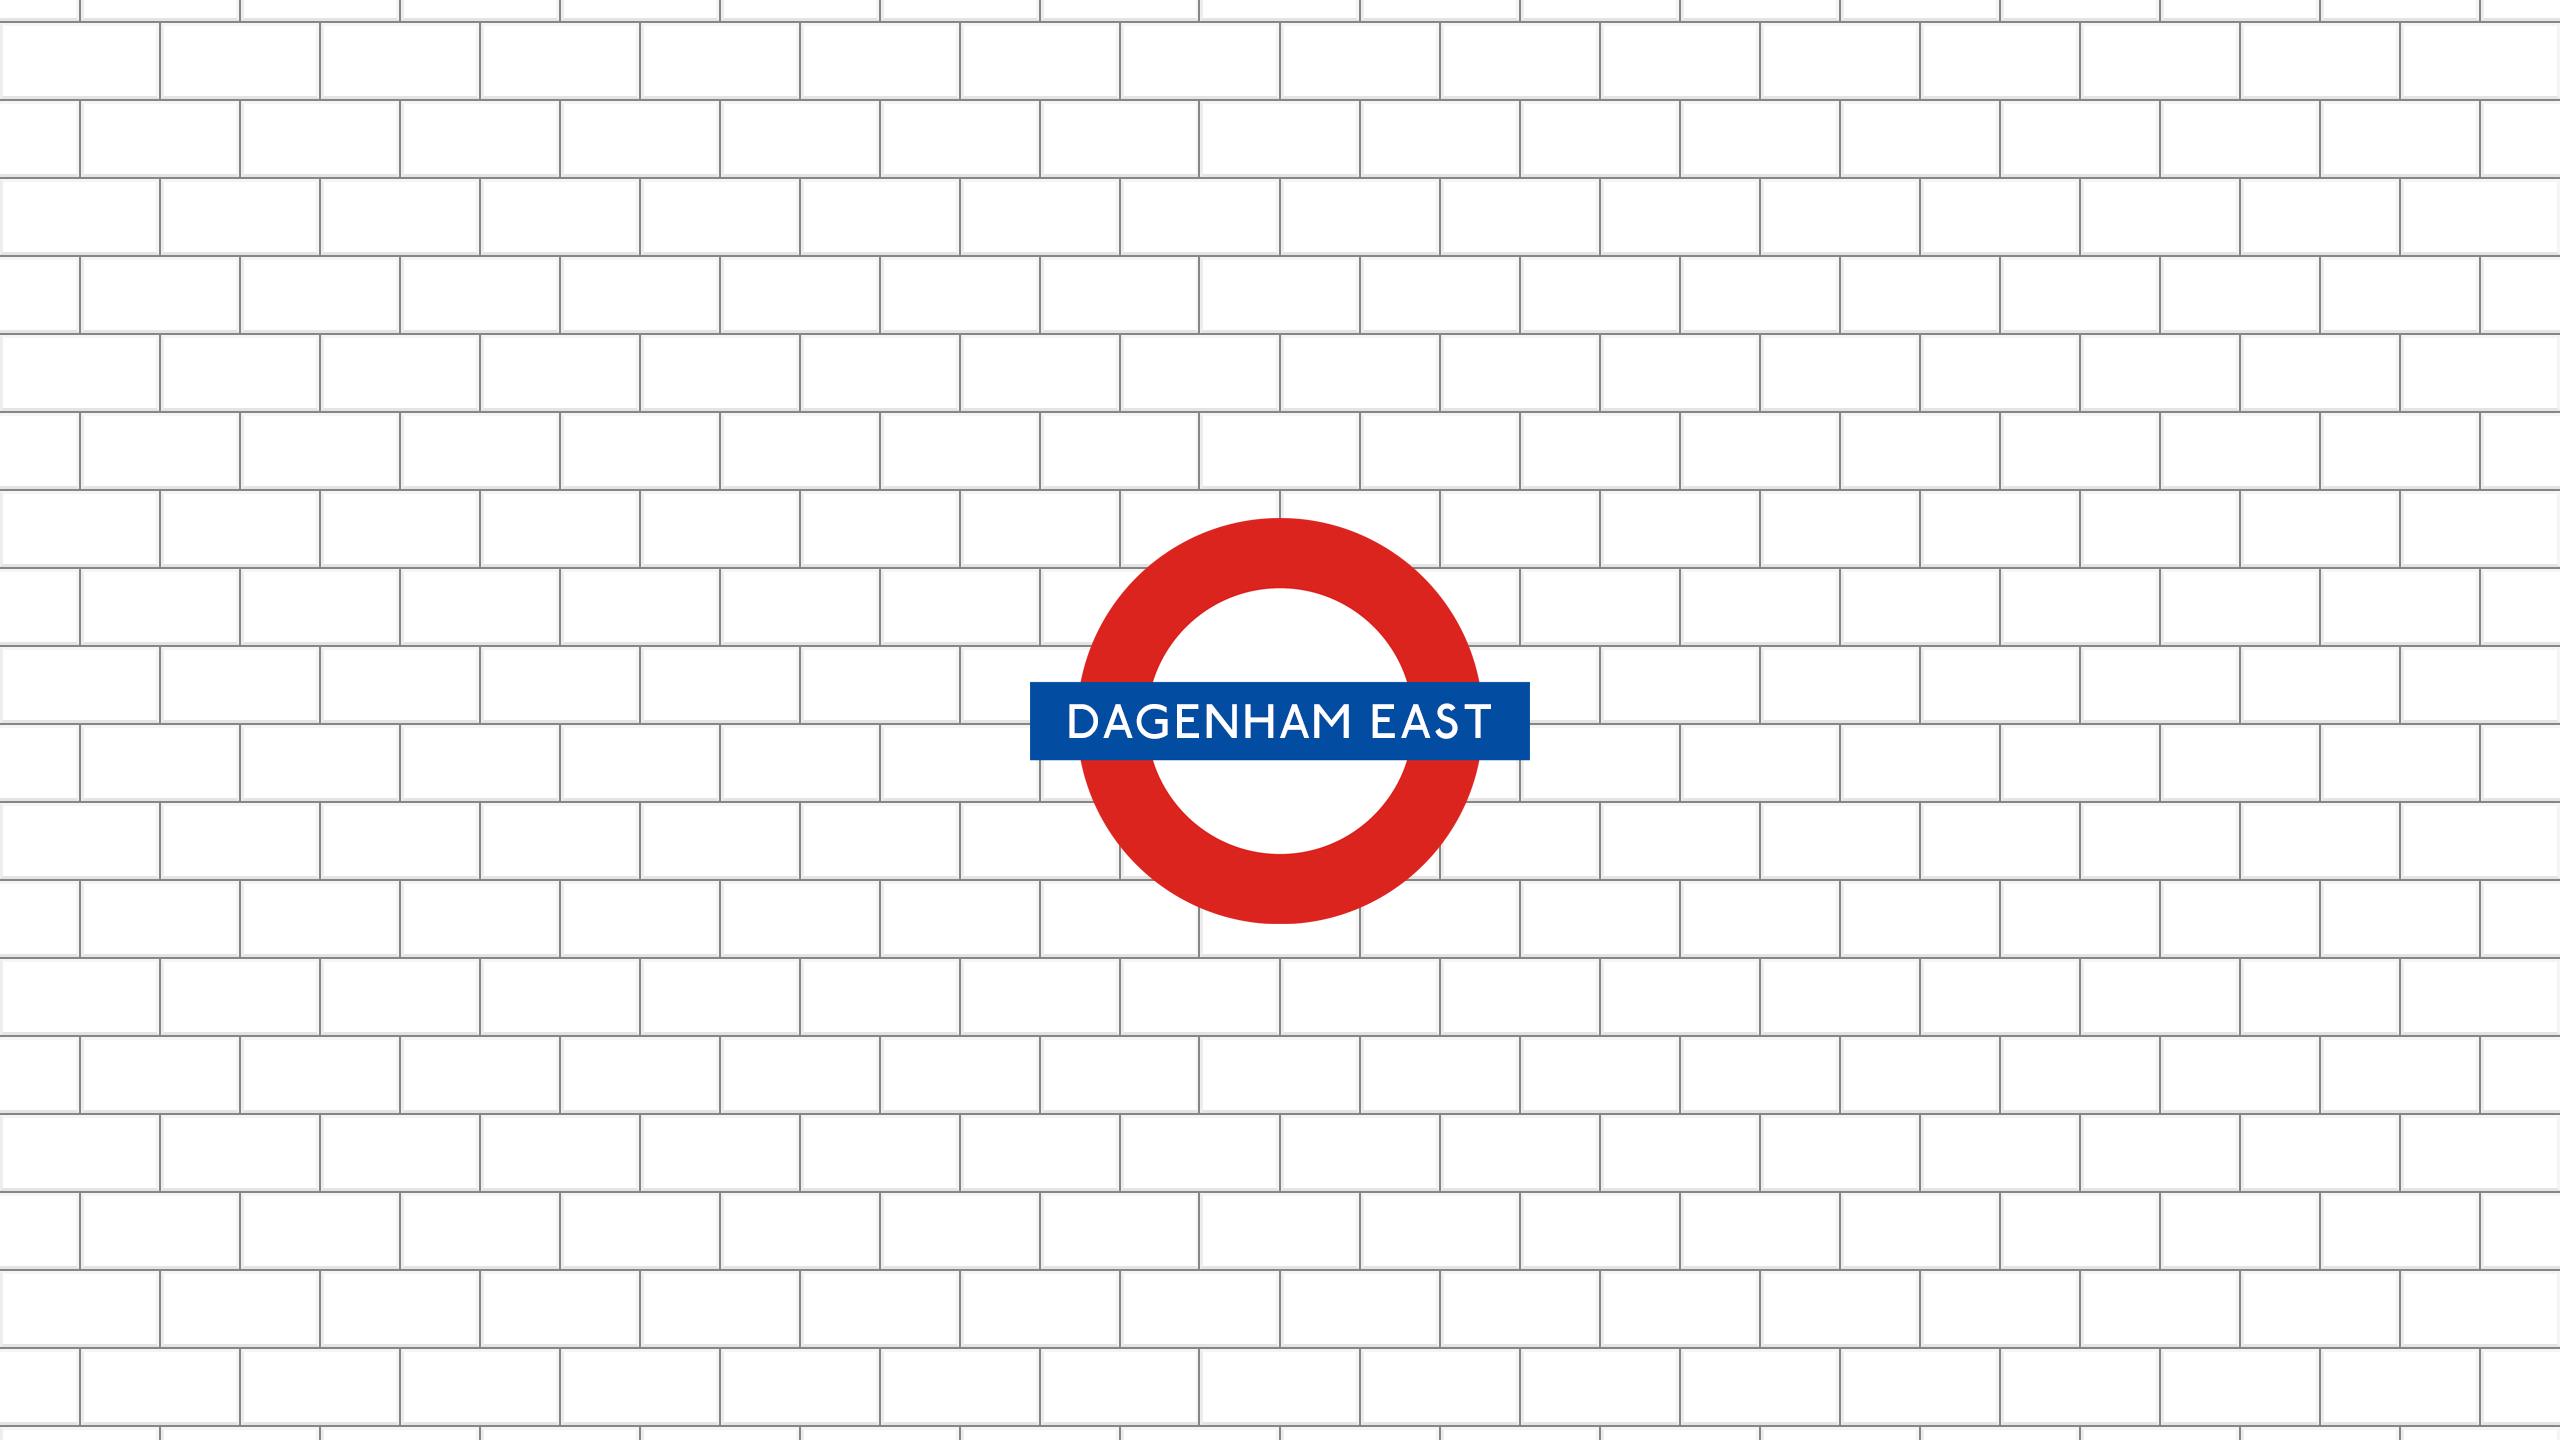 Dagenham East